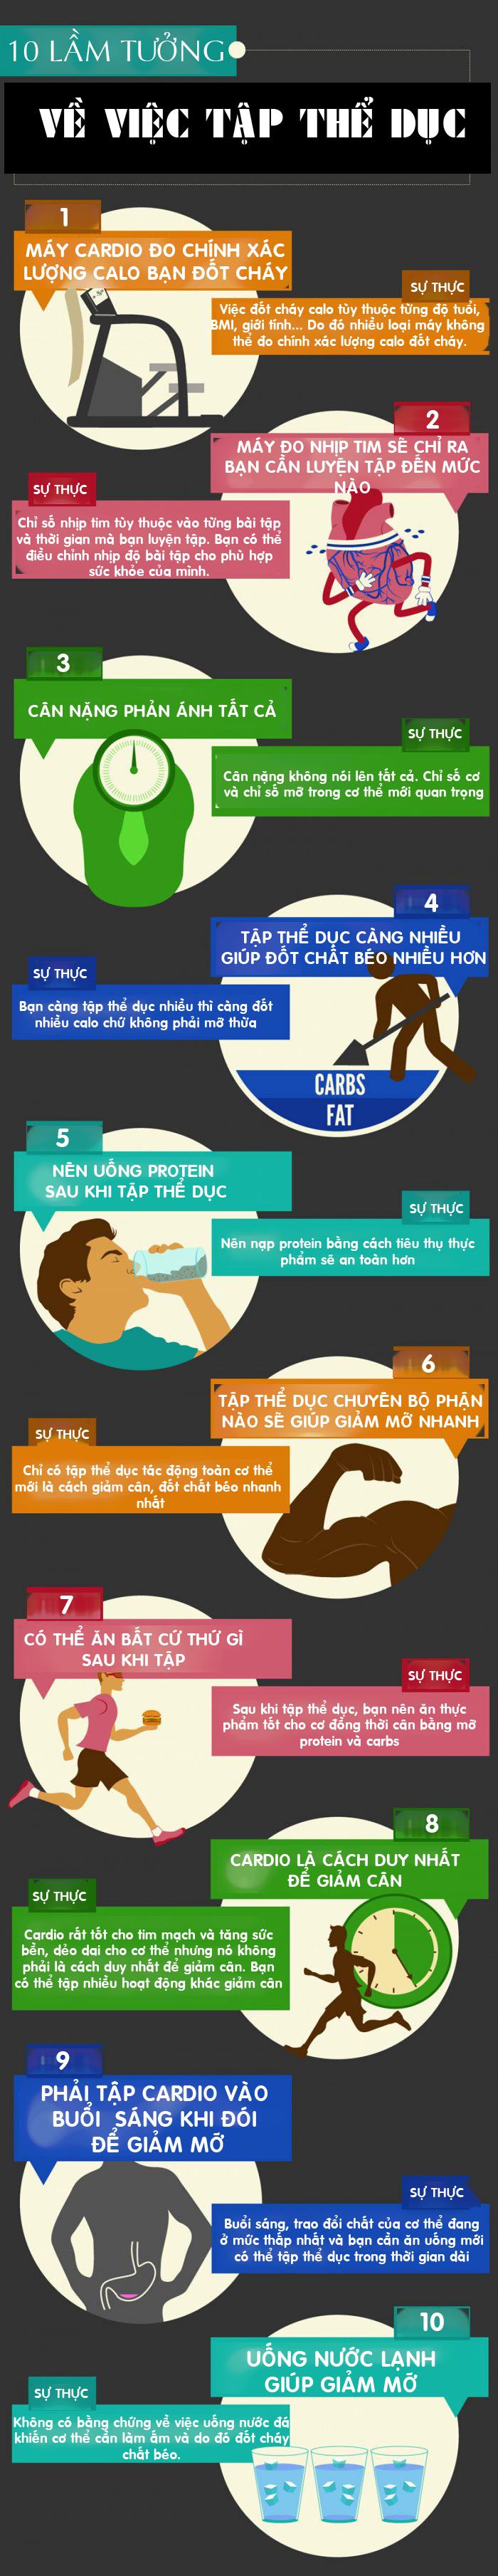 10 lầm tưởng tai hại về việc tập thể dục, không hiểu rõ có thể rước họa vào thân( Sưu tầm)